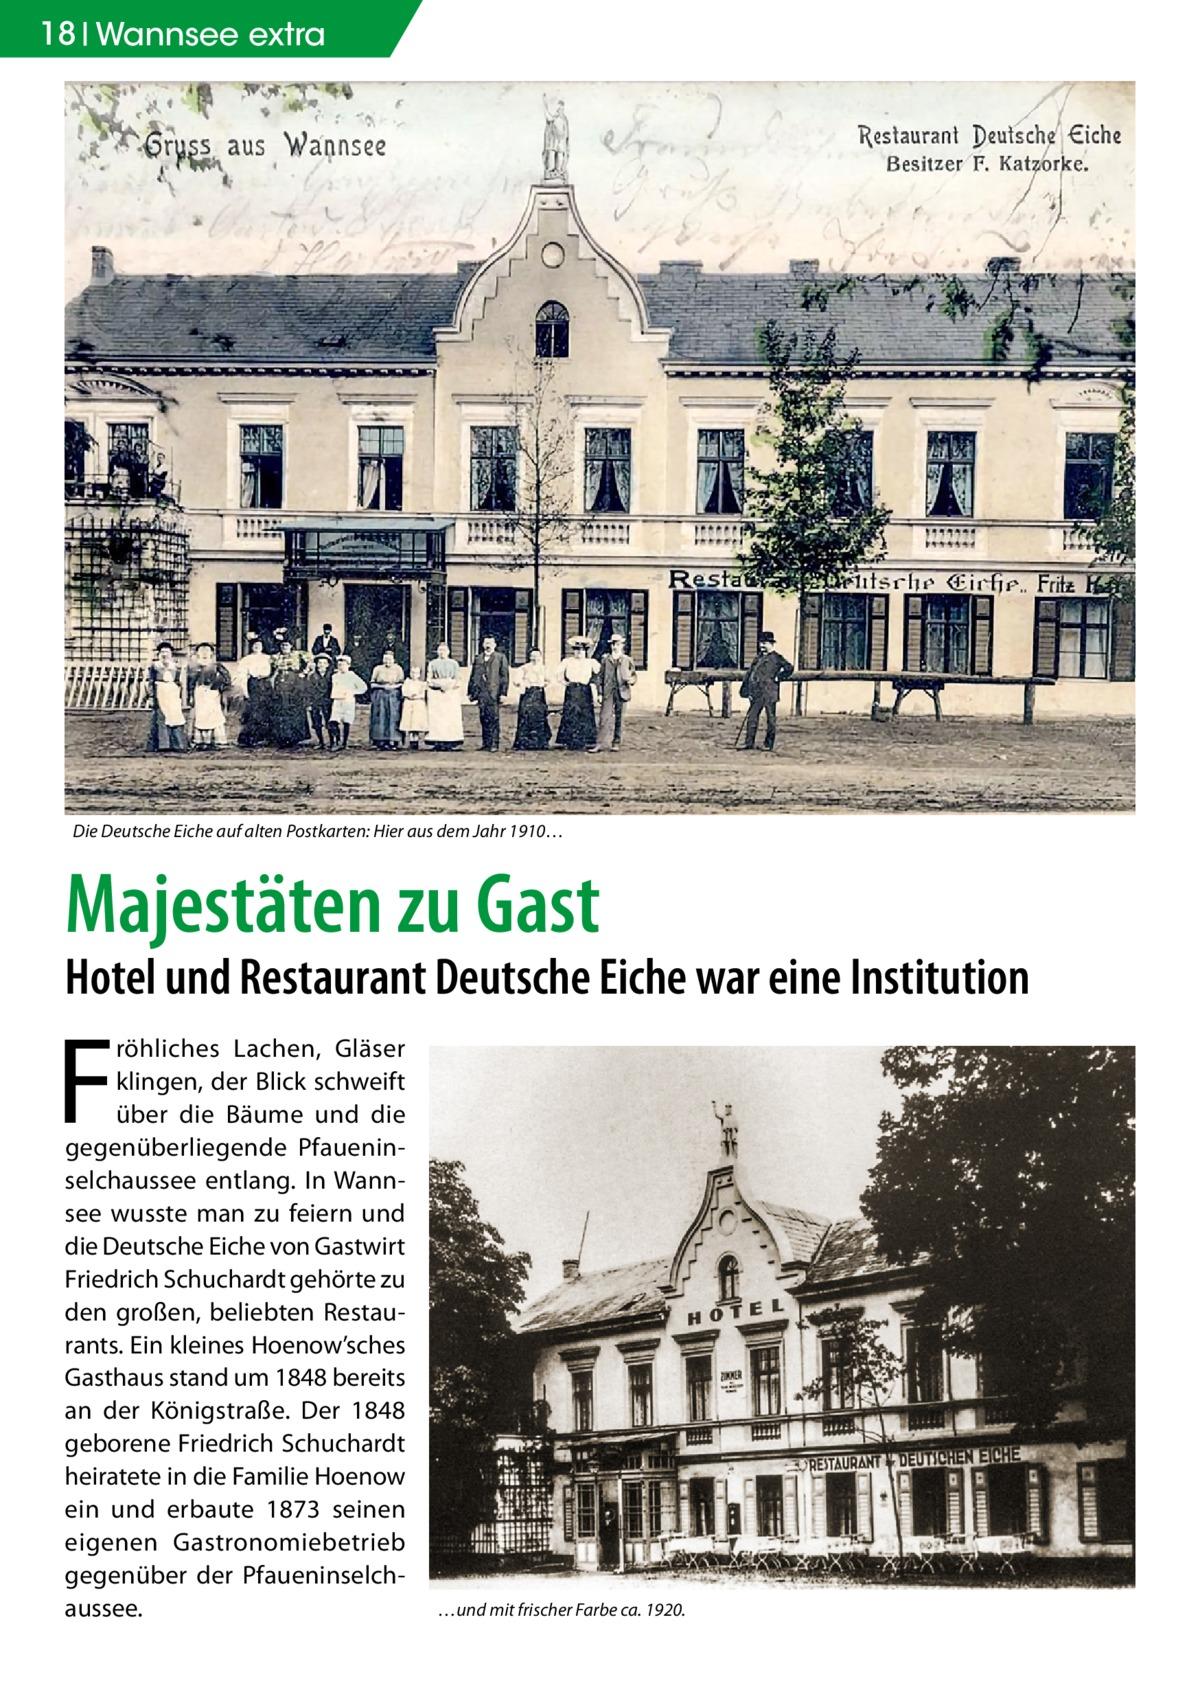 18 Wannsee extra  Die Deutsche Eiche auf alten Postkarten: Hier aus dem Jahr 1910…  Majestäten zu Gast  Hotel und Restaurant Deutsche Eiche war eine Institution  F  röhliches Lachen, Gläser klingen, der Blick schweift über die Bäume und die gegenüberliegende Pfaueninselchaussee entlang. In Wannsee wusste man zu feiern und die Deutsche Eiche von Gastwirt Friedrich Schuchardt gehörte zu den großen, beliebten Restaurants. Ein kleines Hoenow'sches Gasthaus stand um 1848 bereits an der Königstraße. Der 1848 geborene Friedrich Schuchardt heiratete in die Familie Hoenow ein und erbaute 1873 seinen eigenen Gastronomiebetrieb gegenüber der Pfaueninselchaussee.  …und mit frischer Farbe ca. 1920.